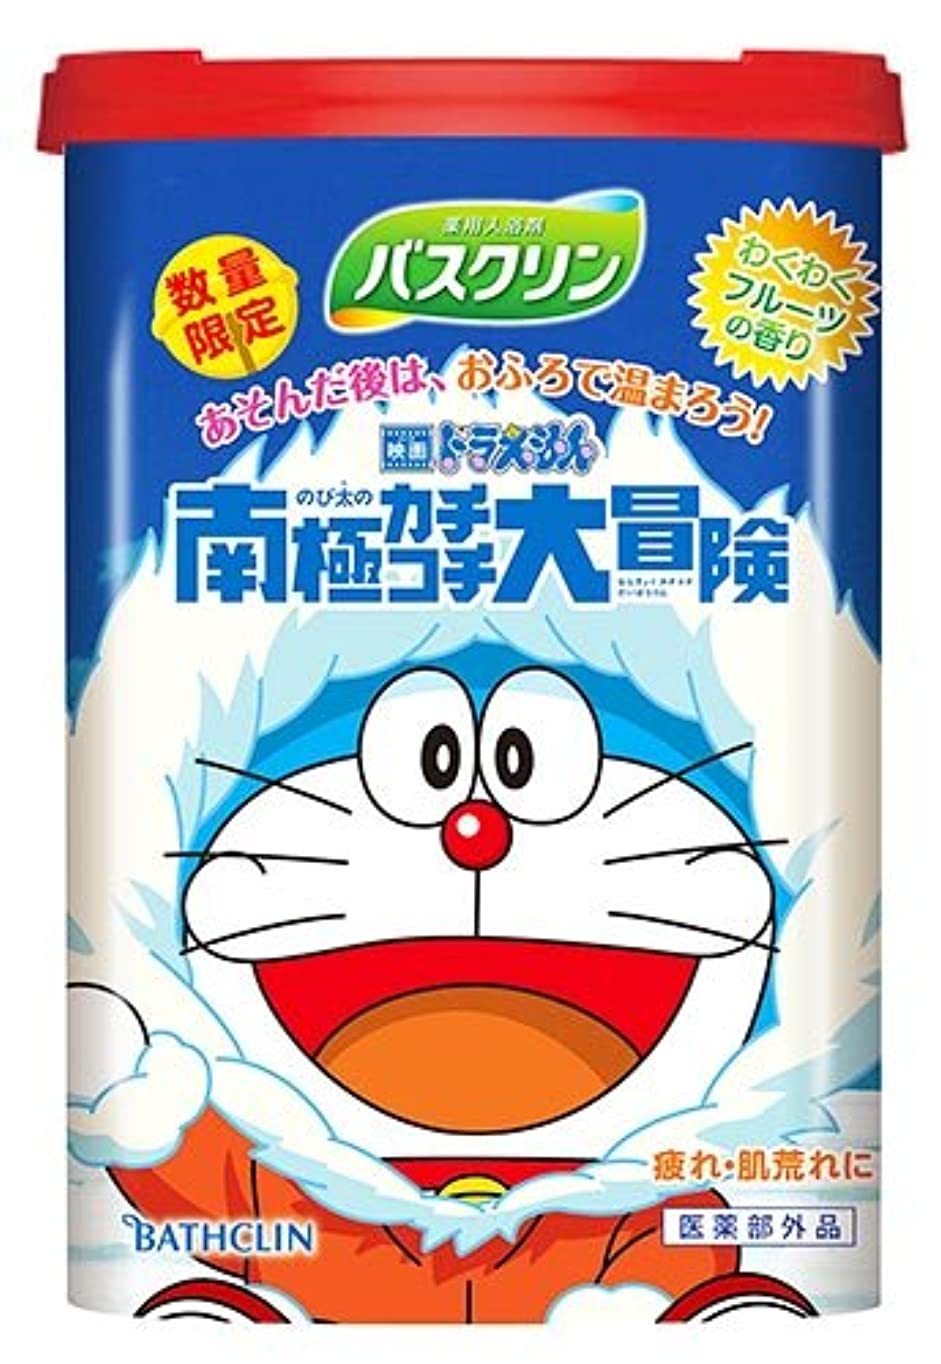 移行するコンテンポラリー腸【数量限定】バスクリン わくわくフルーツの香り ドラえもんデザイン 600g(入浴剤)